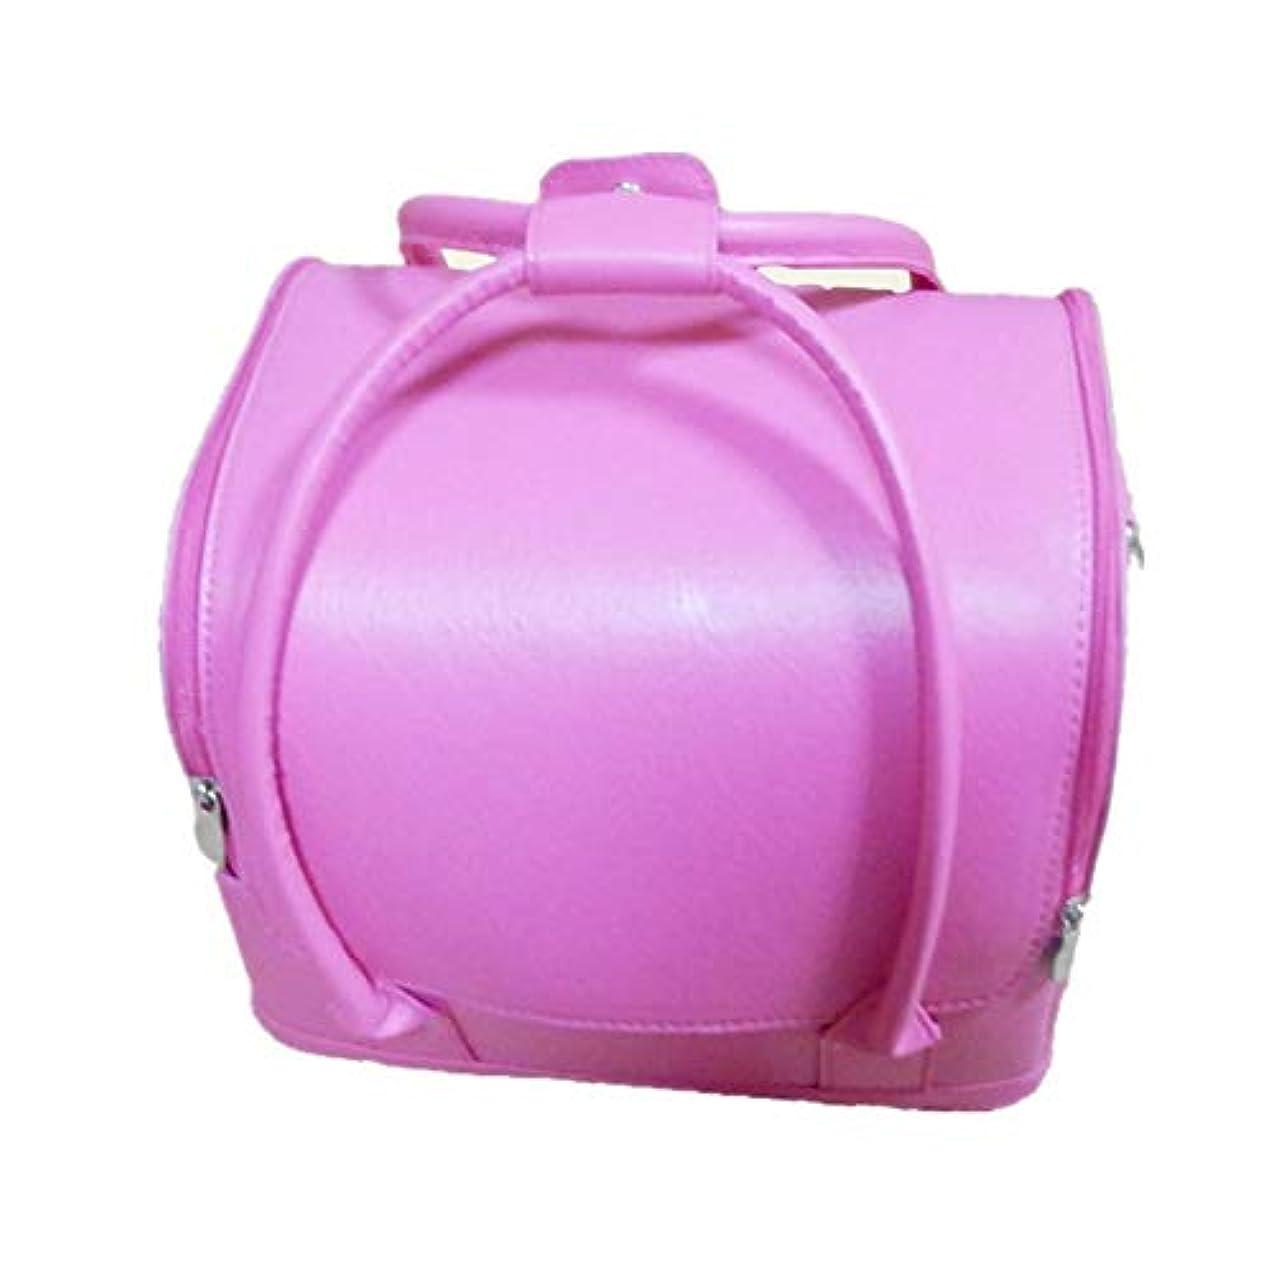 裏切り者クリック所属化粧オーガナイザーバッグ 美しいメイクアップのための純粋な色ポータブル化粧品袋と女性の女性の旅行とジッパーで毎日のストレージ 化粧品ケース